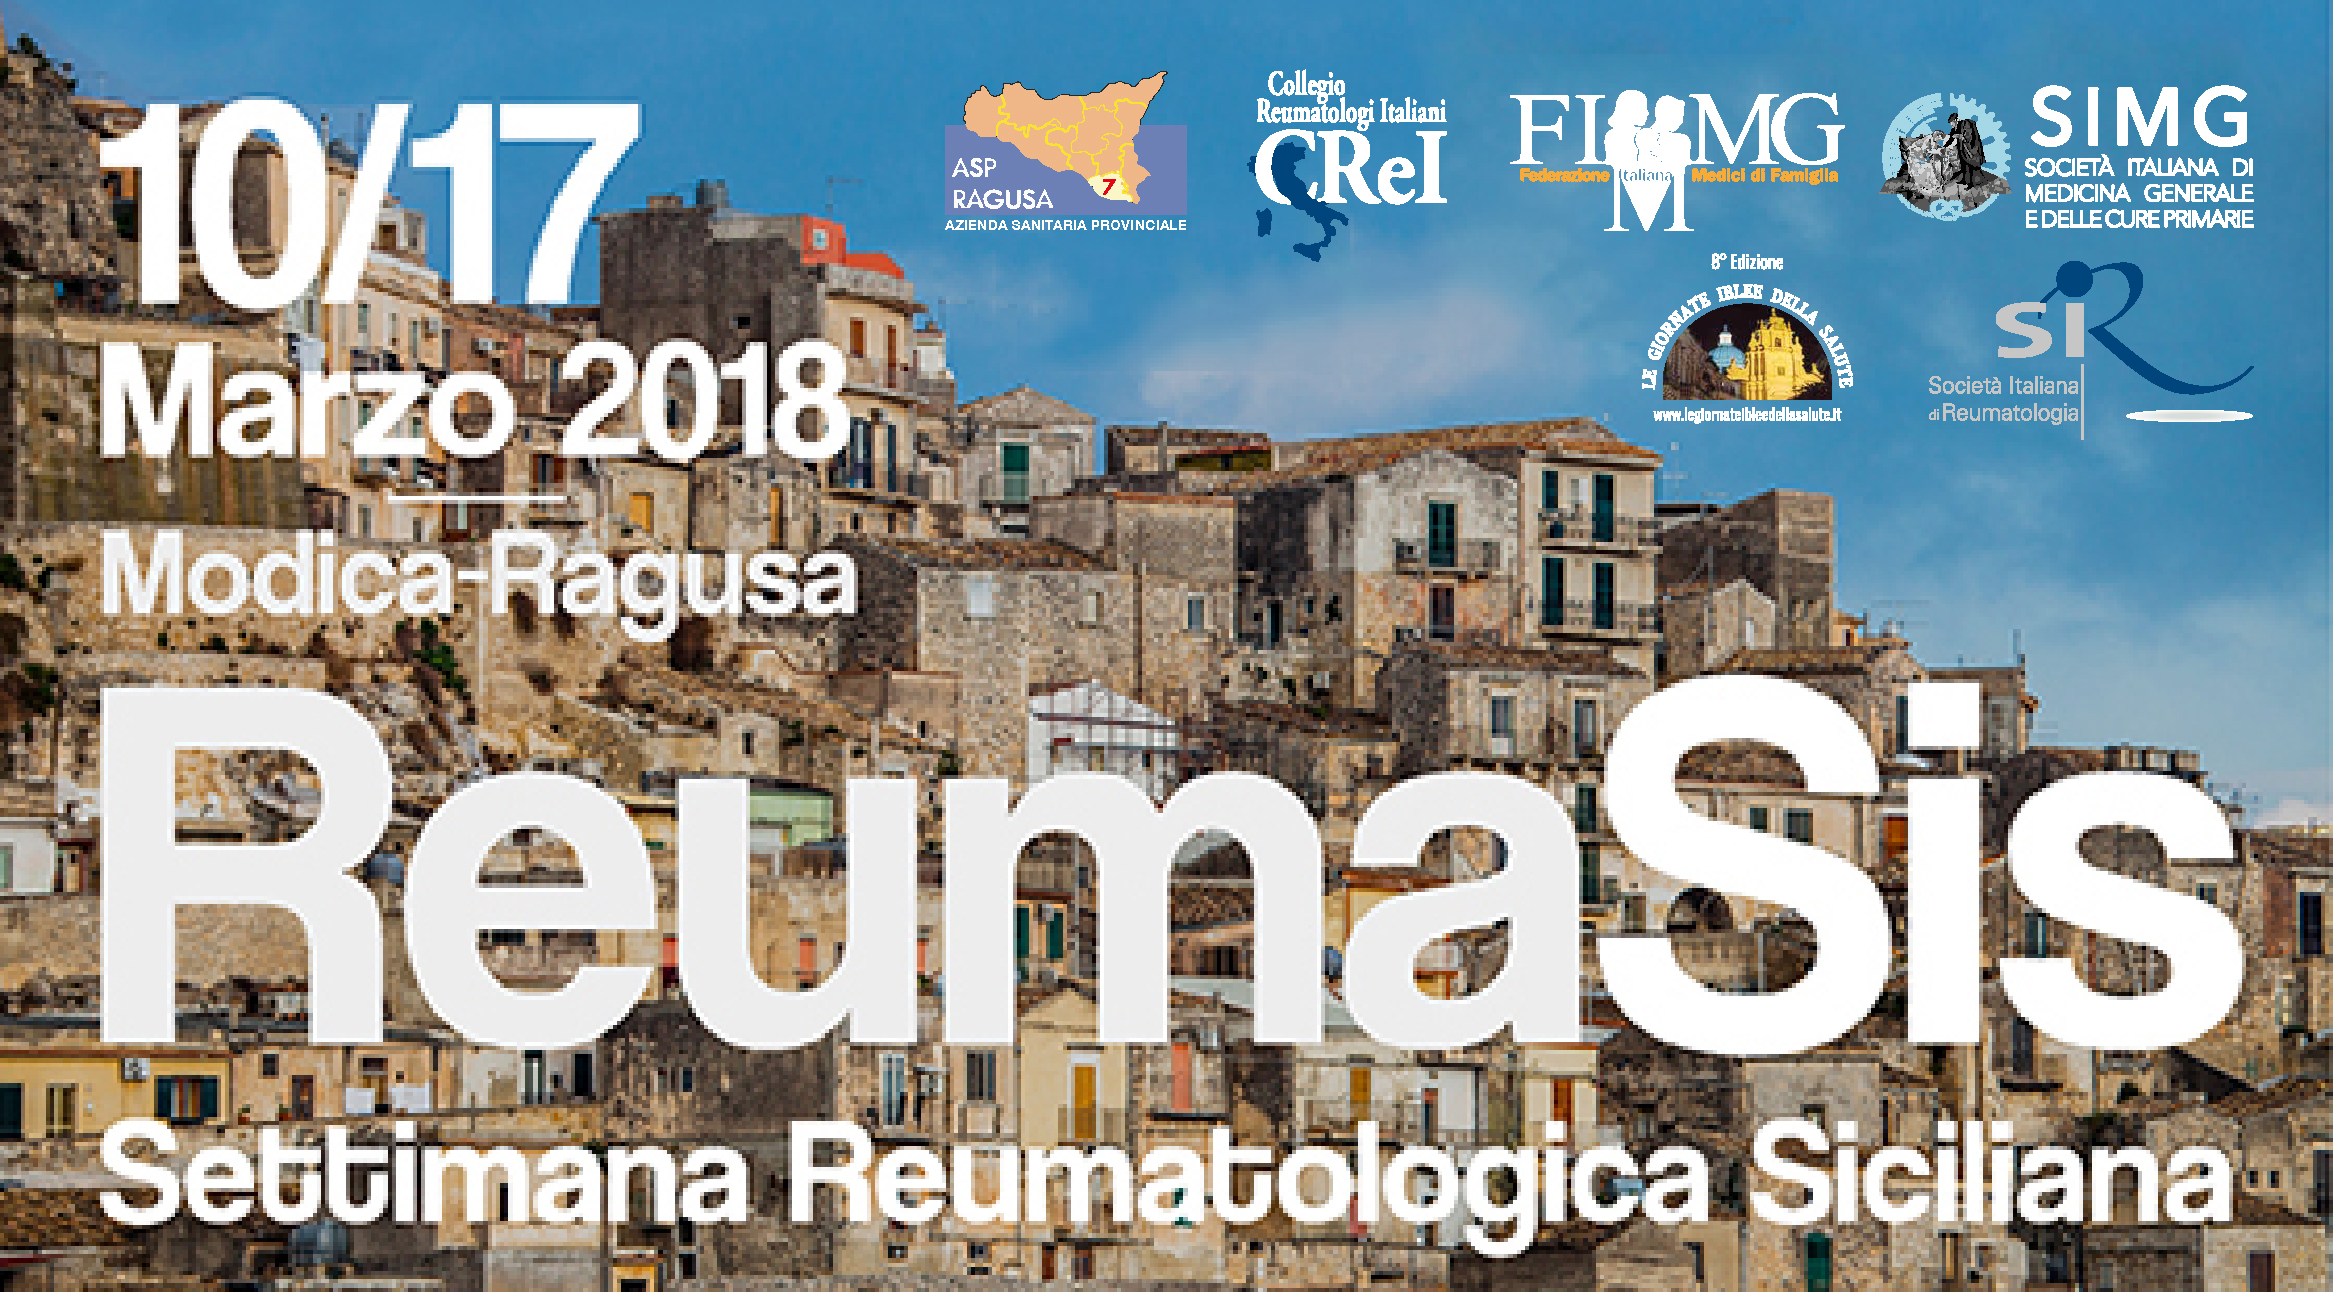 REUMASYS - Settimana Reumatologica Siciliana